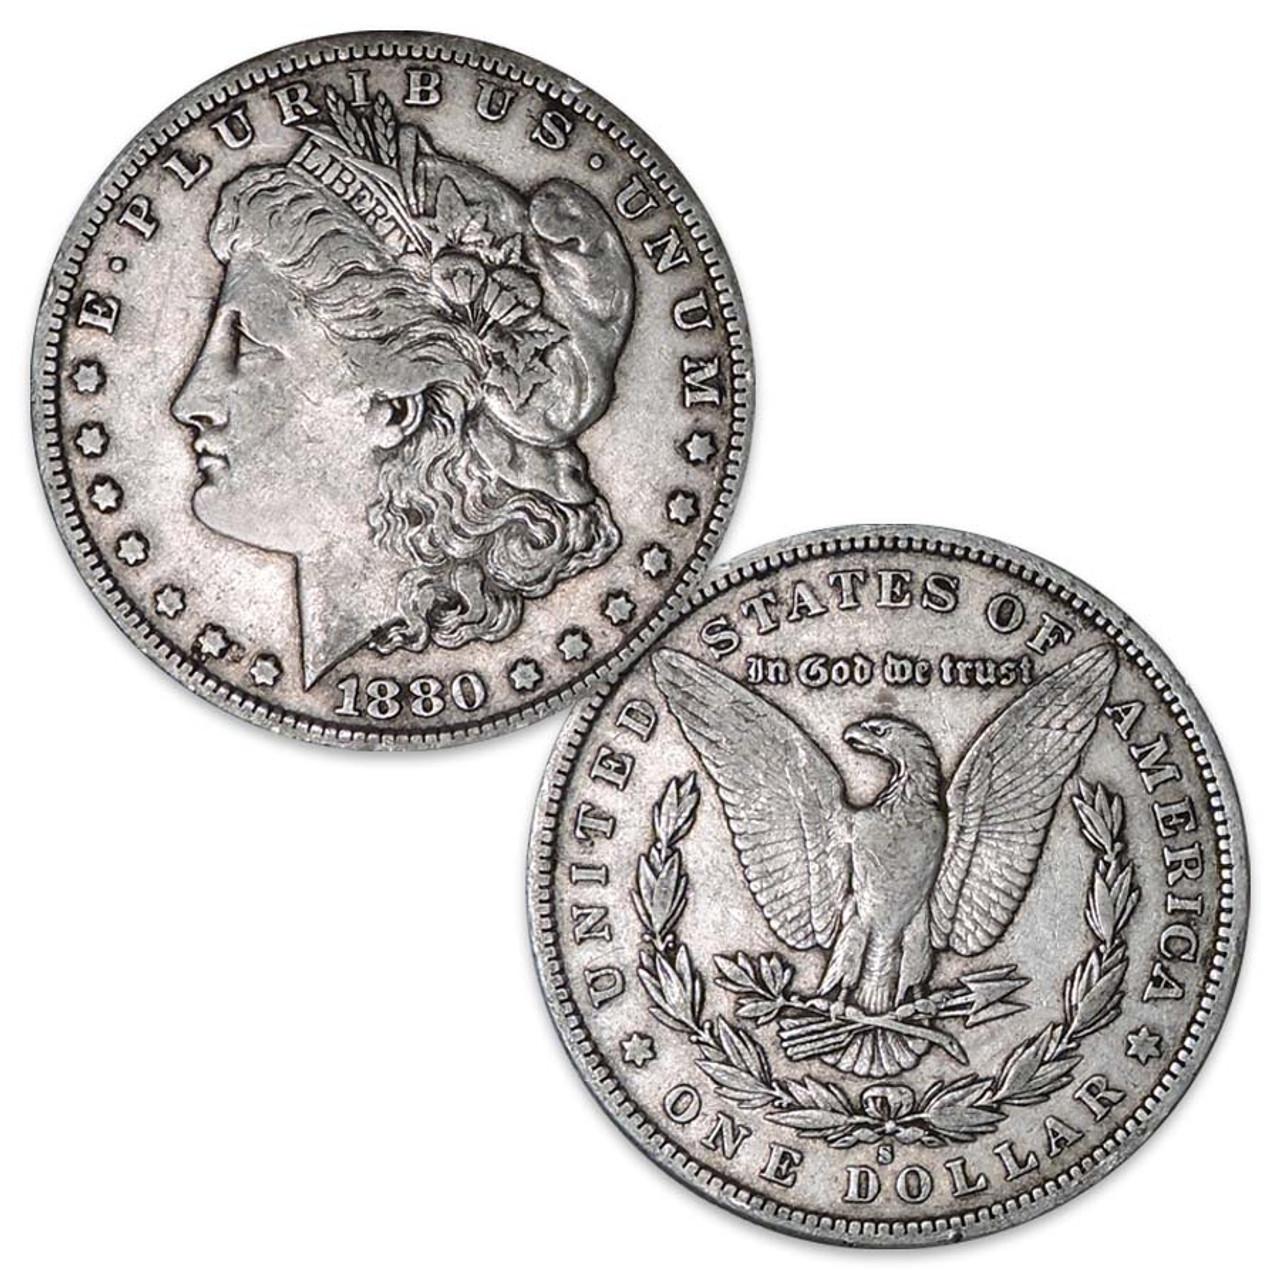 1880-S Morgan Silver Dollar Very Fine Image 1